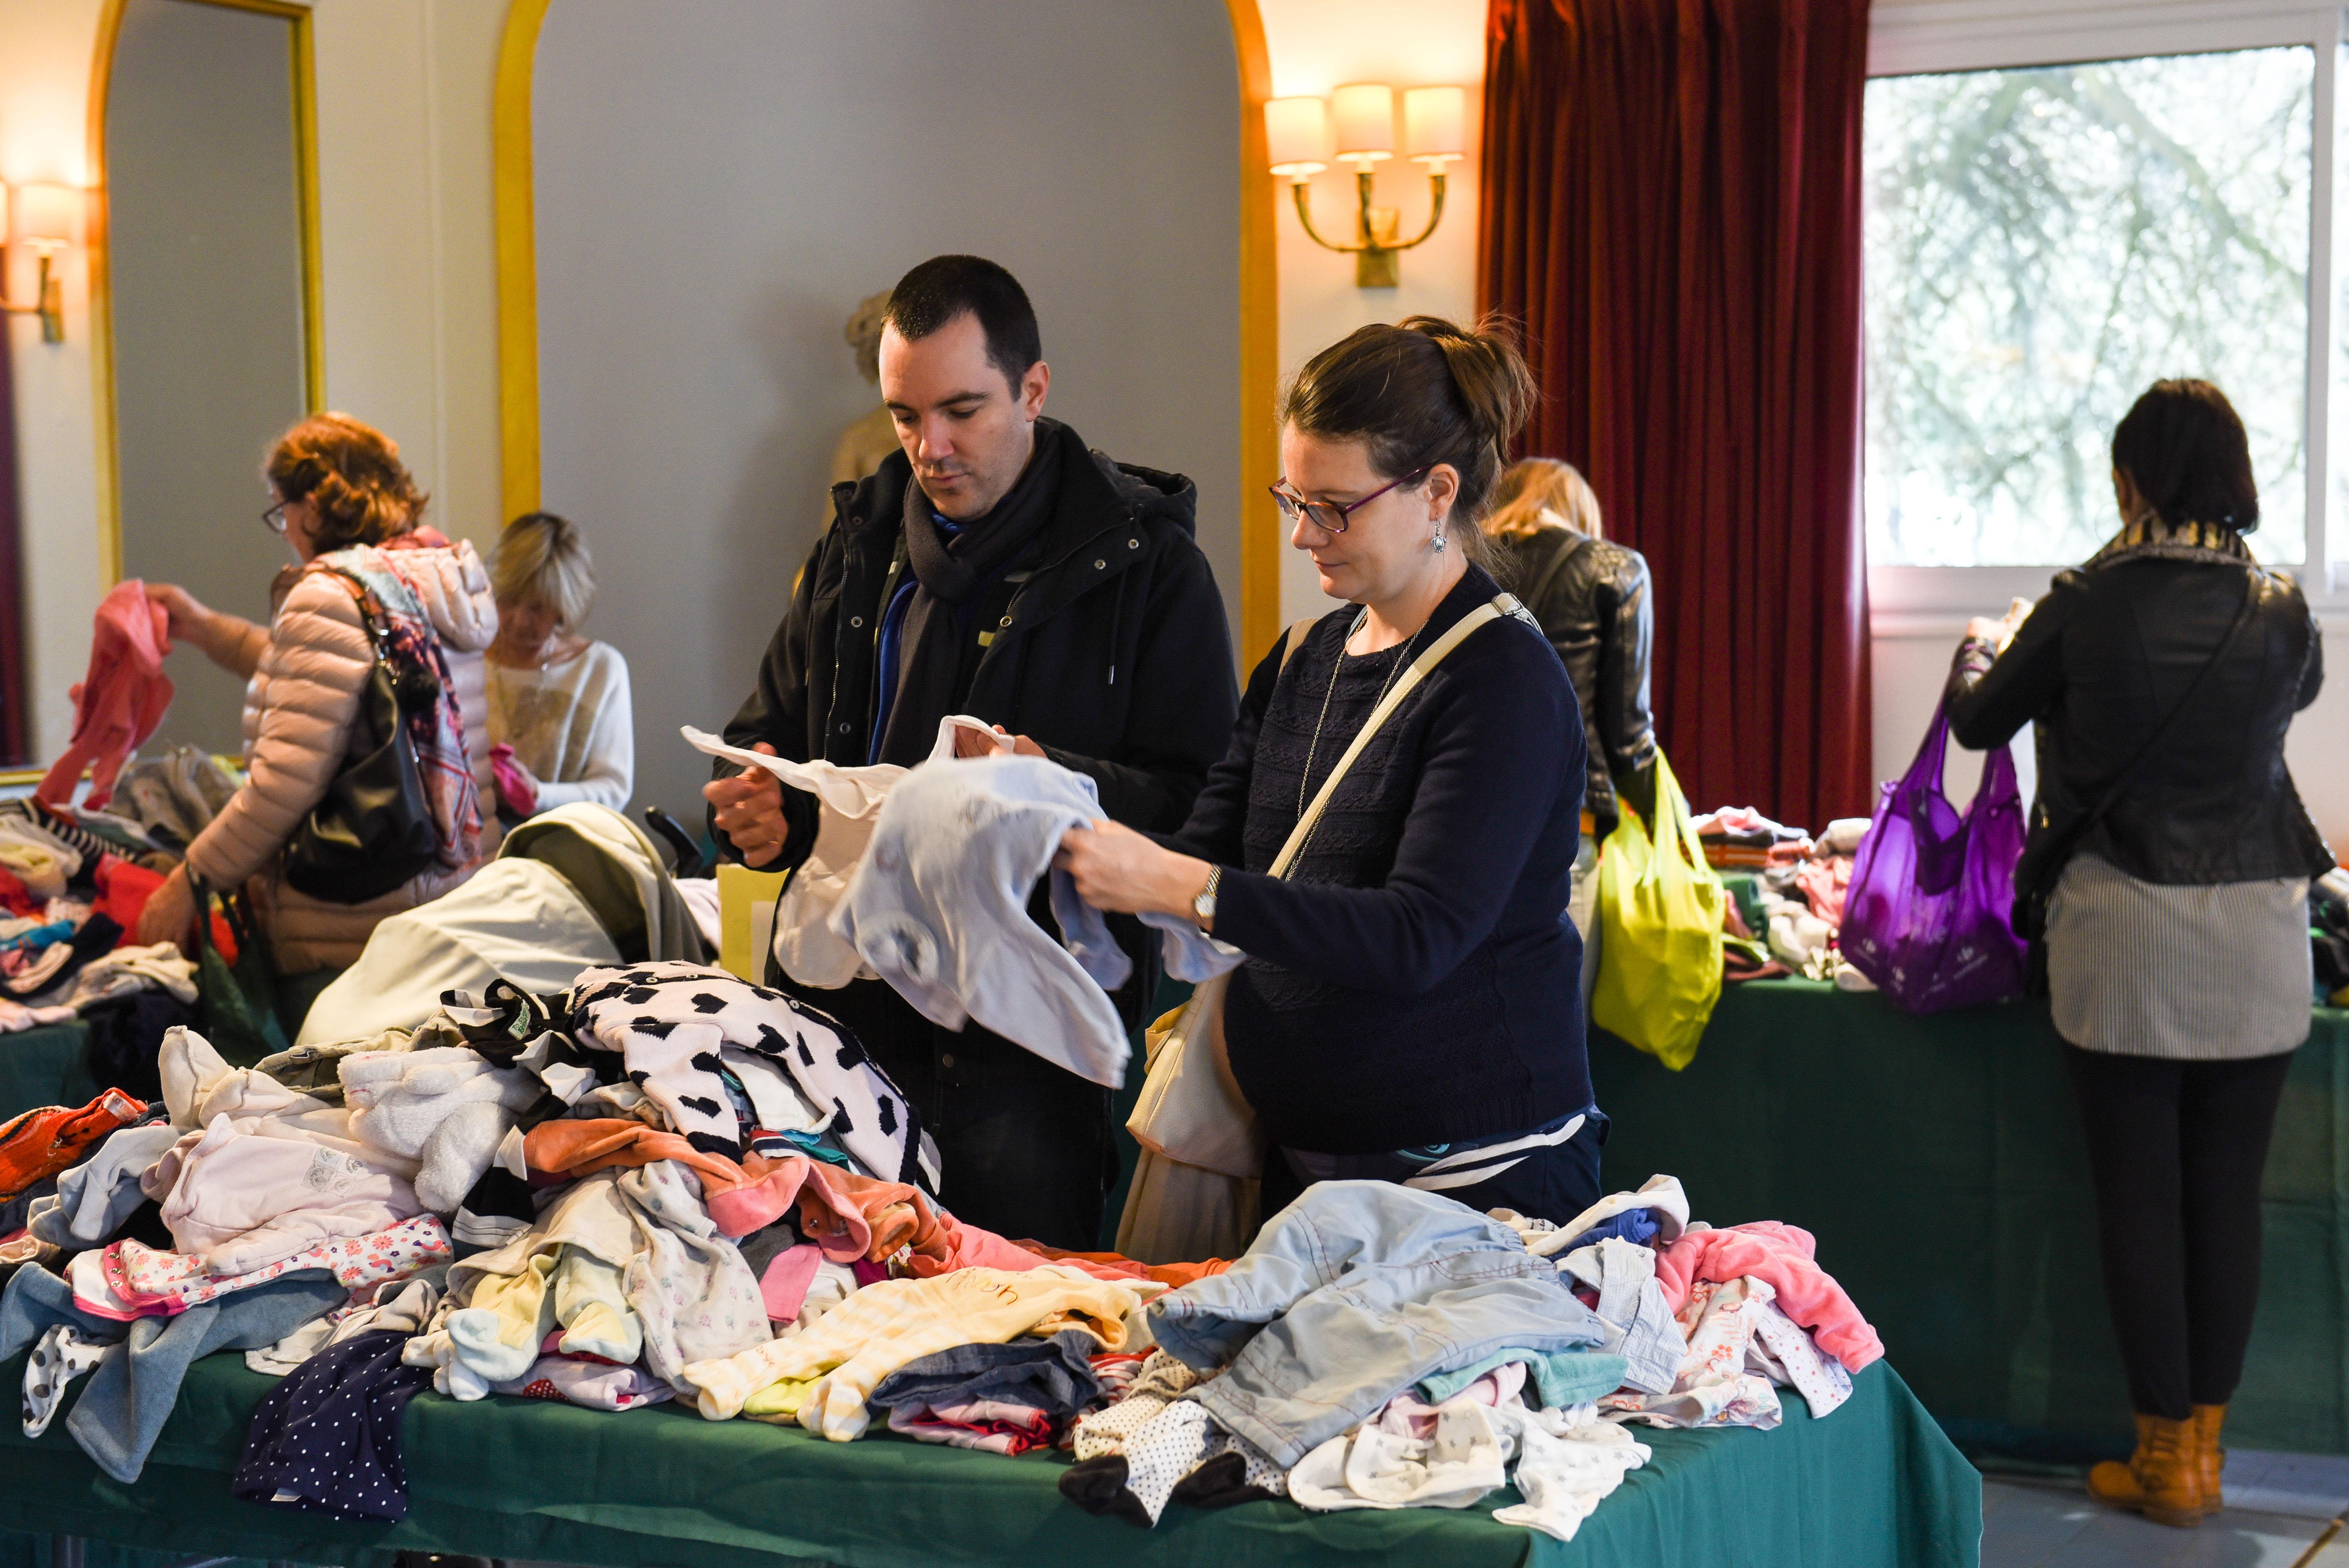 Bourse aux vêtements : une nouvelle vie pour les habits !